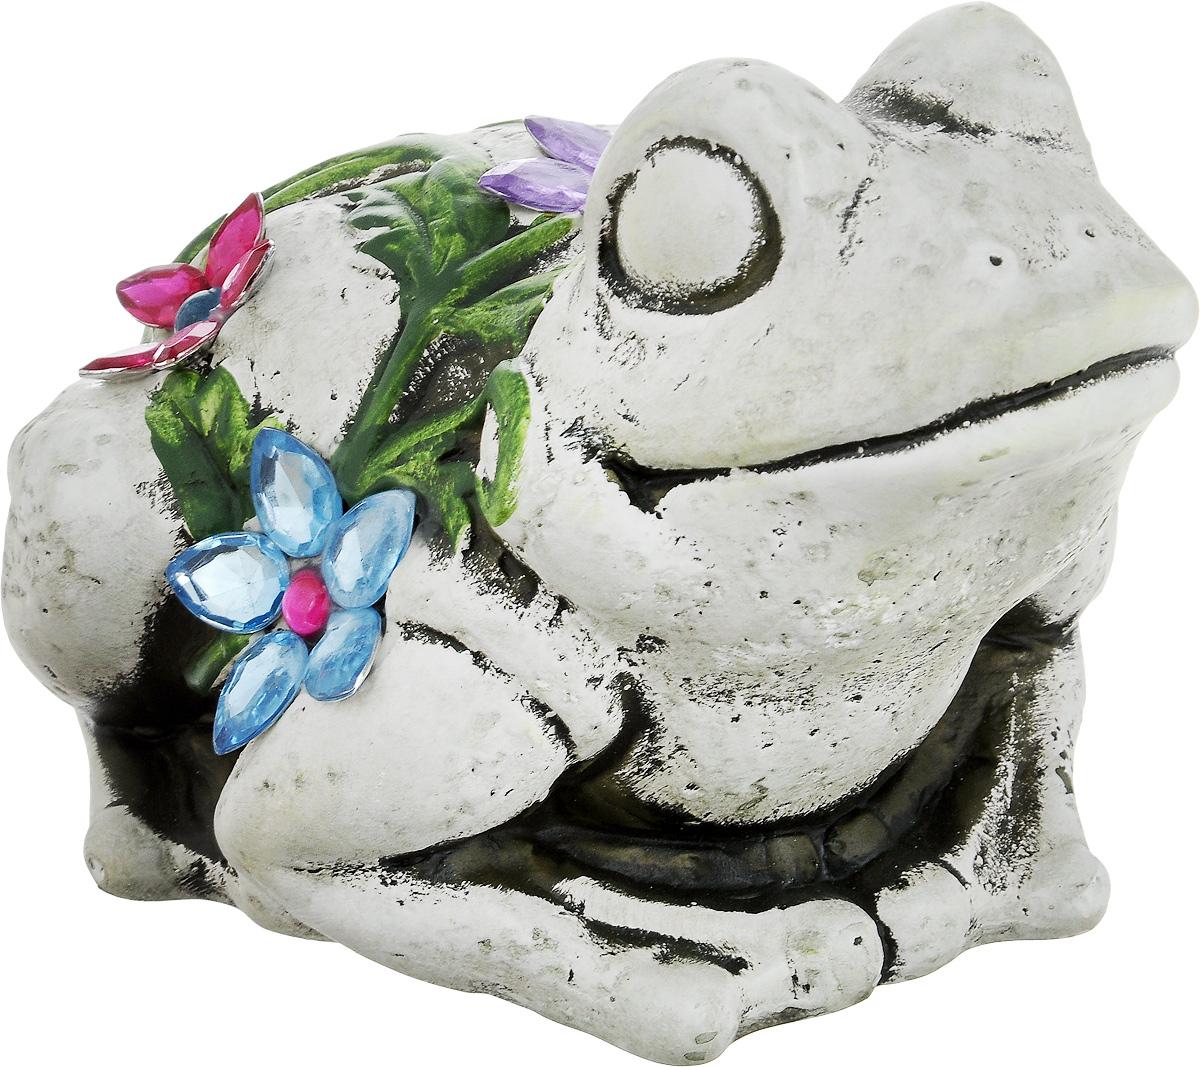 Фигурка декоративная Лилло Лягушка, цвет: серый, голубой, зеленый, длина 18 смFLY3204-1Декоративная фигурка Лягушка станет необычным аксессуаром для вашего интерьера и создаст незабываемую атмосферу. Фигурка изготовлена из керамики в виде веселой лягушки. Эта очаровательная вещь послужит отличным подарком близкому человеку, родственнику или другу, а также подарит приятные мгновения и окунет вас в лучшие воспоминания.